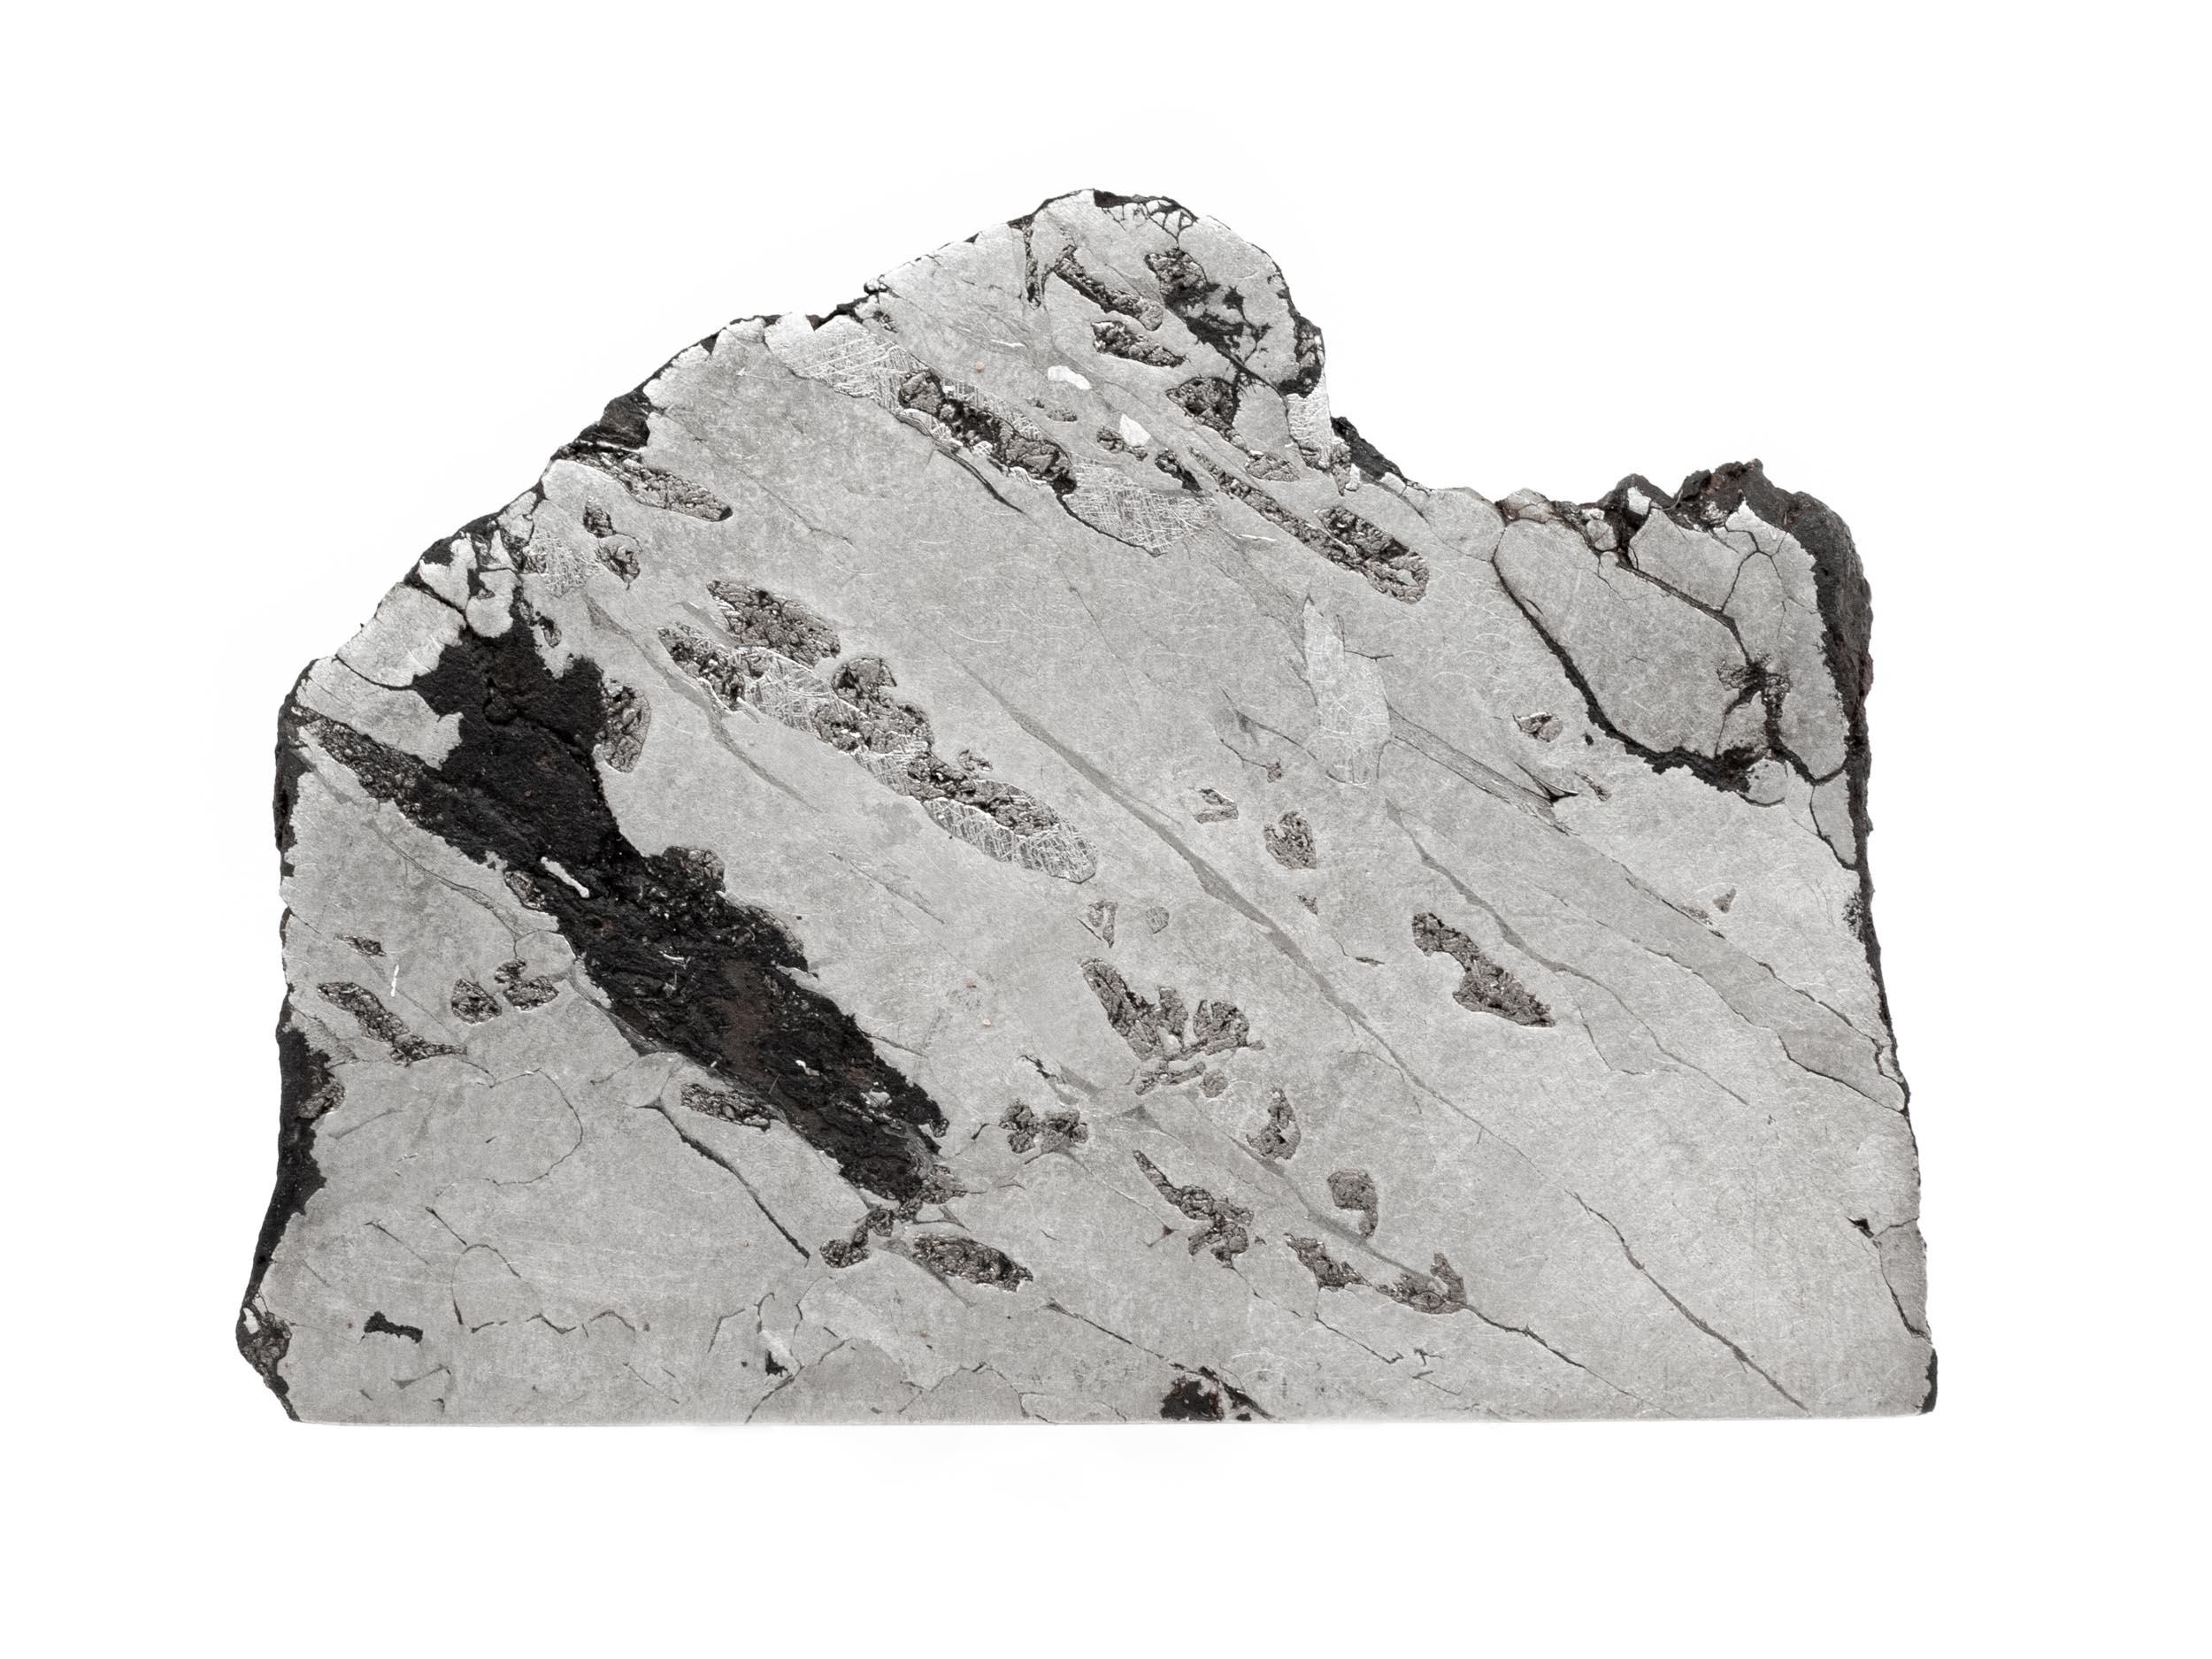 canyon diablo 30 8 1